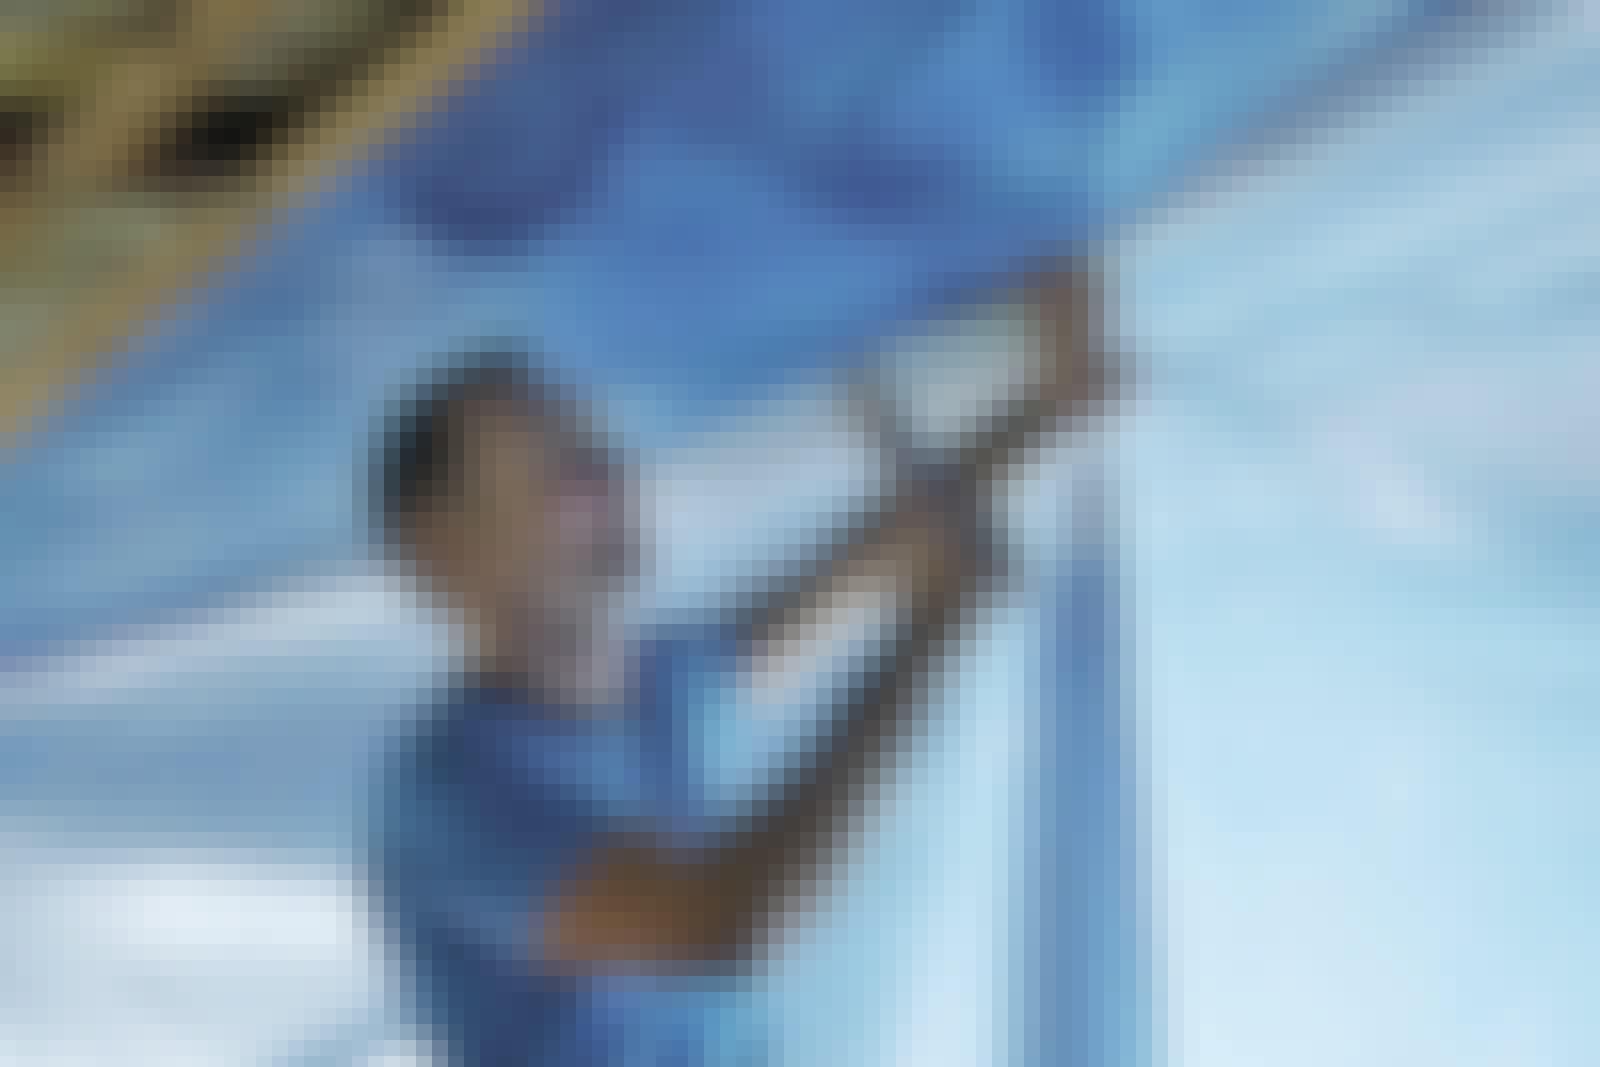 Dampsperre: Hvordan vet jeg om jeg har en dampsperre i huset?